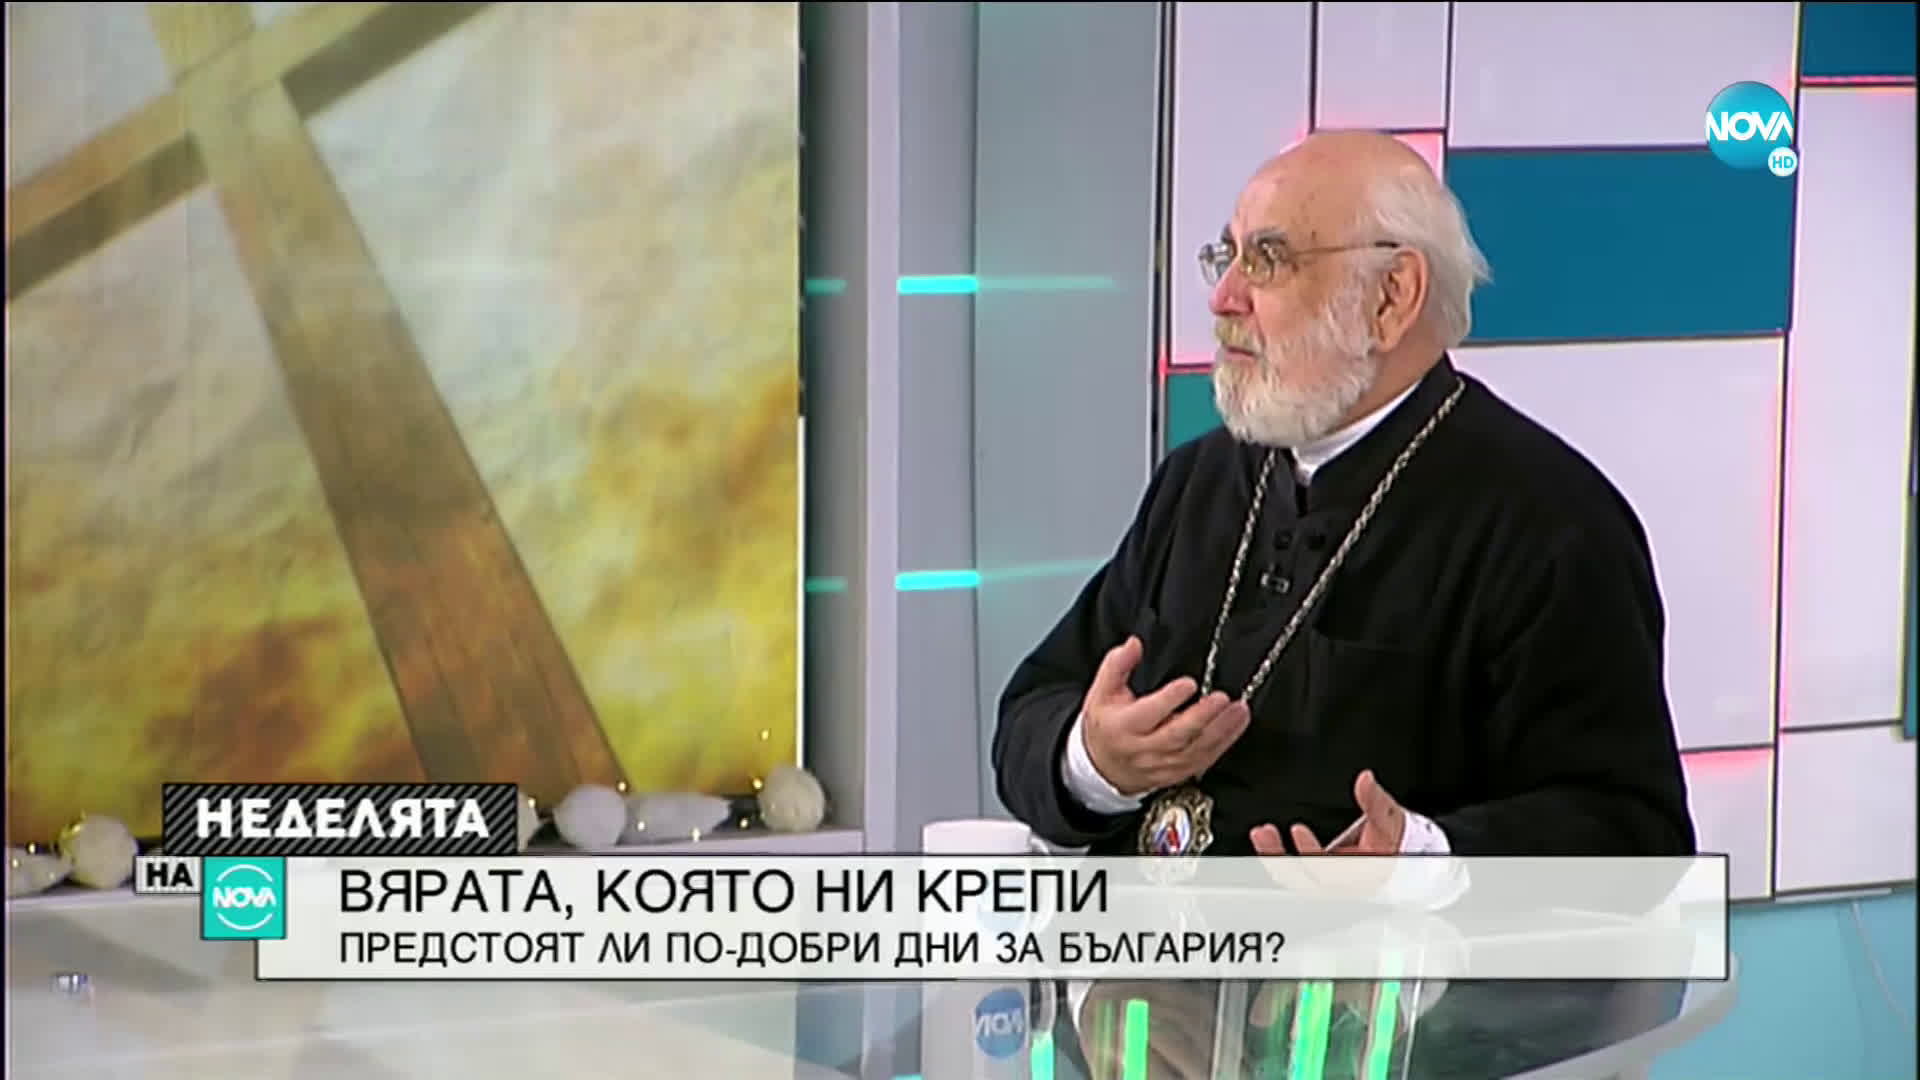 Епископ Тихон: Ваксинацията ми беше нещо спонтанно